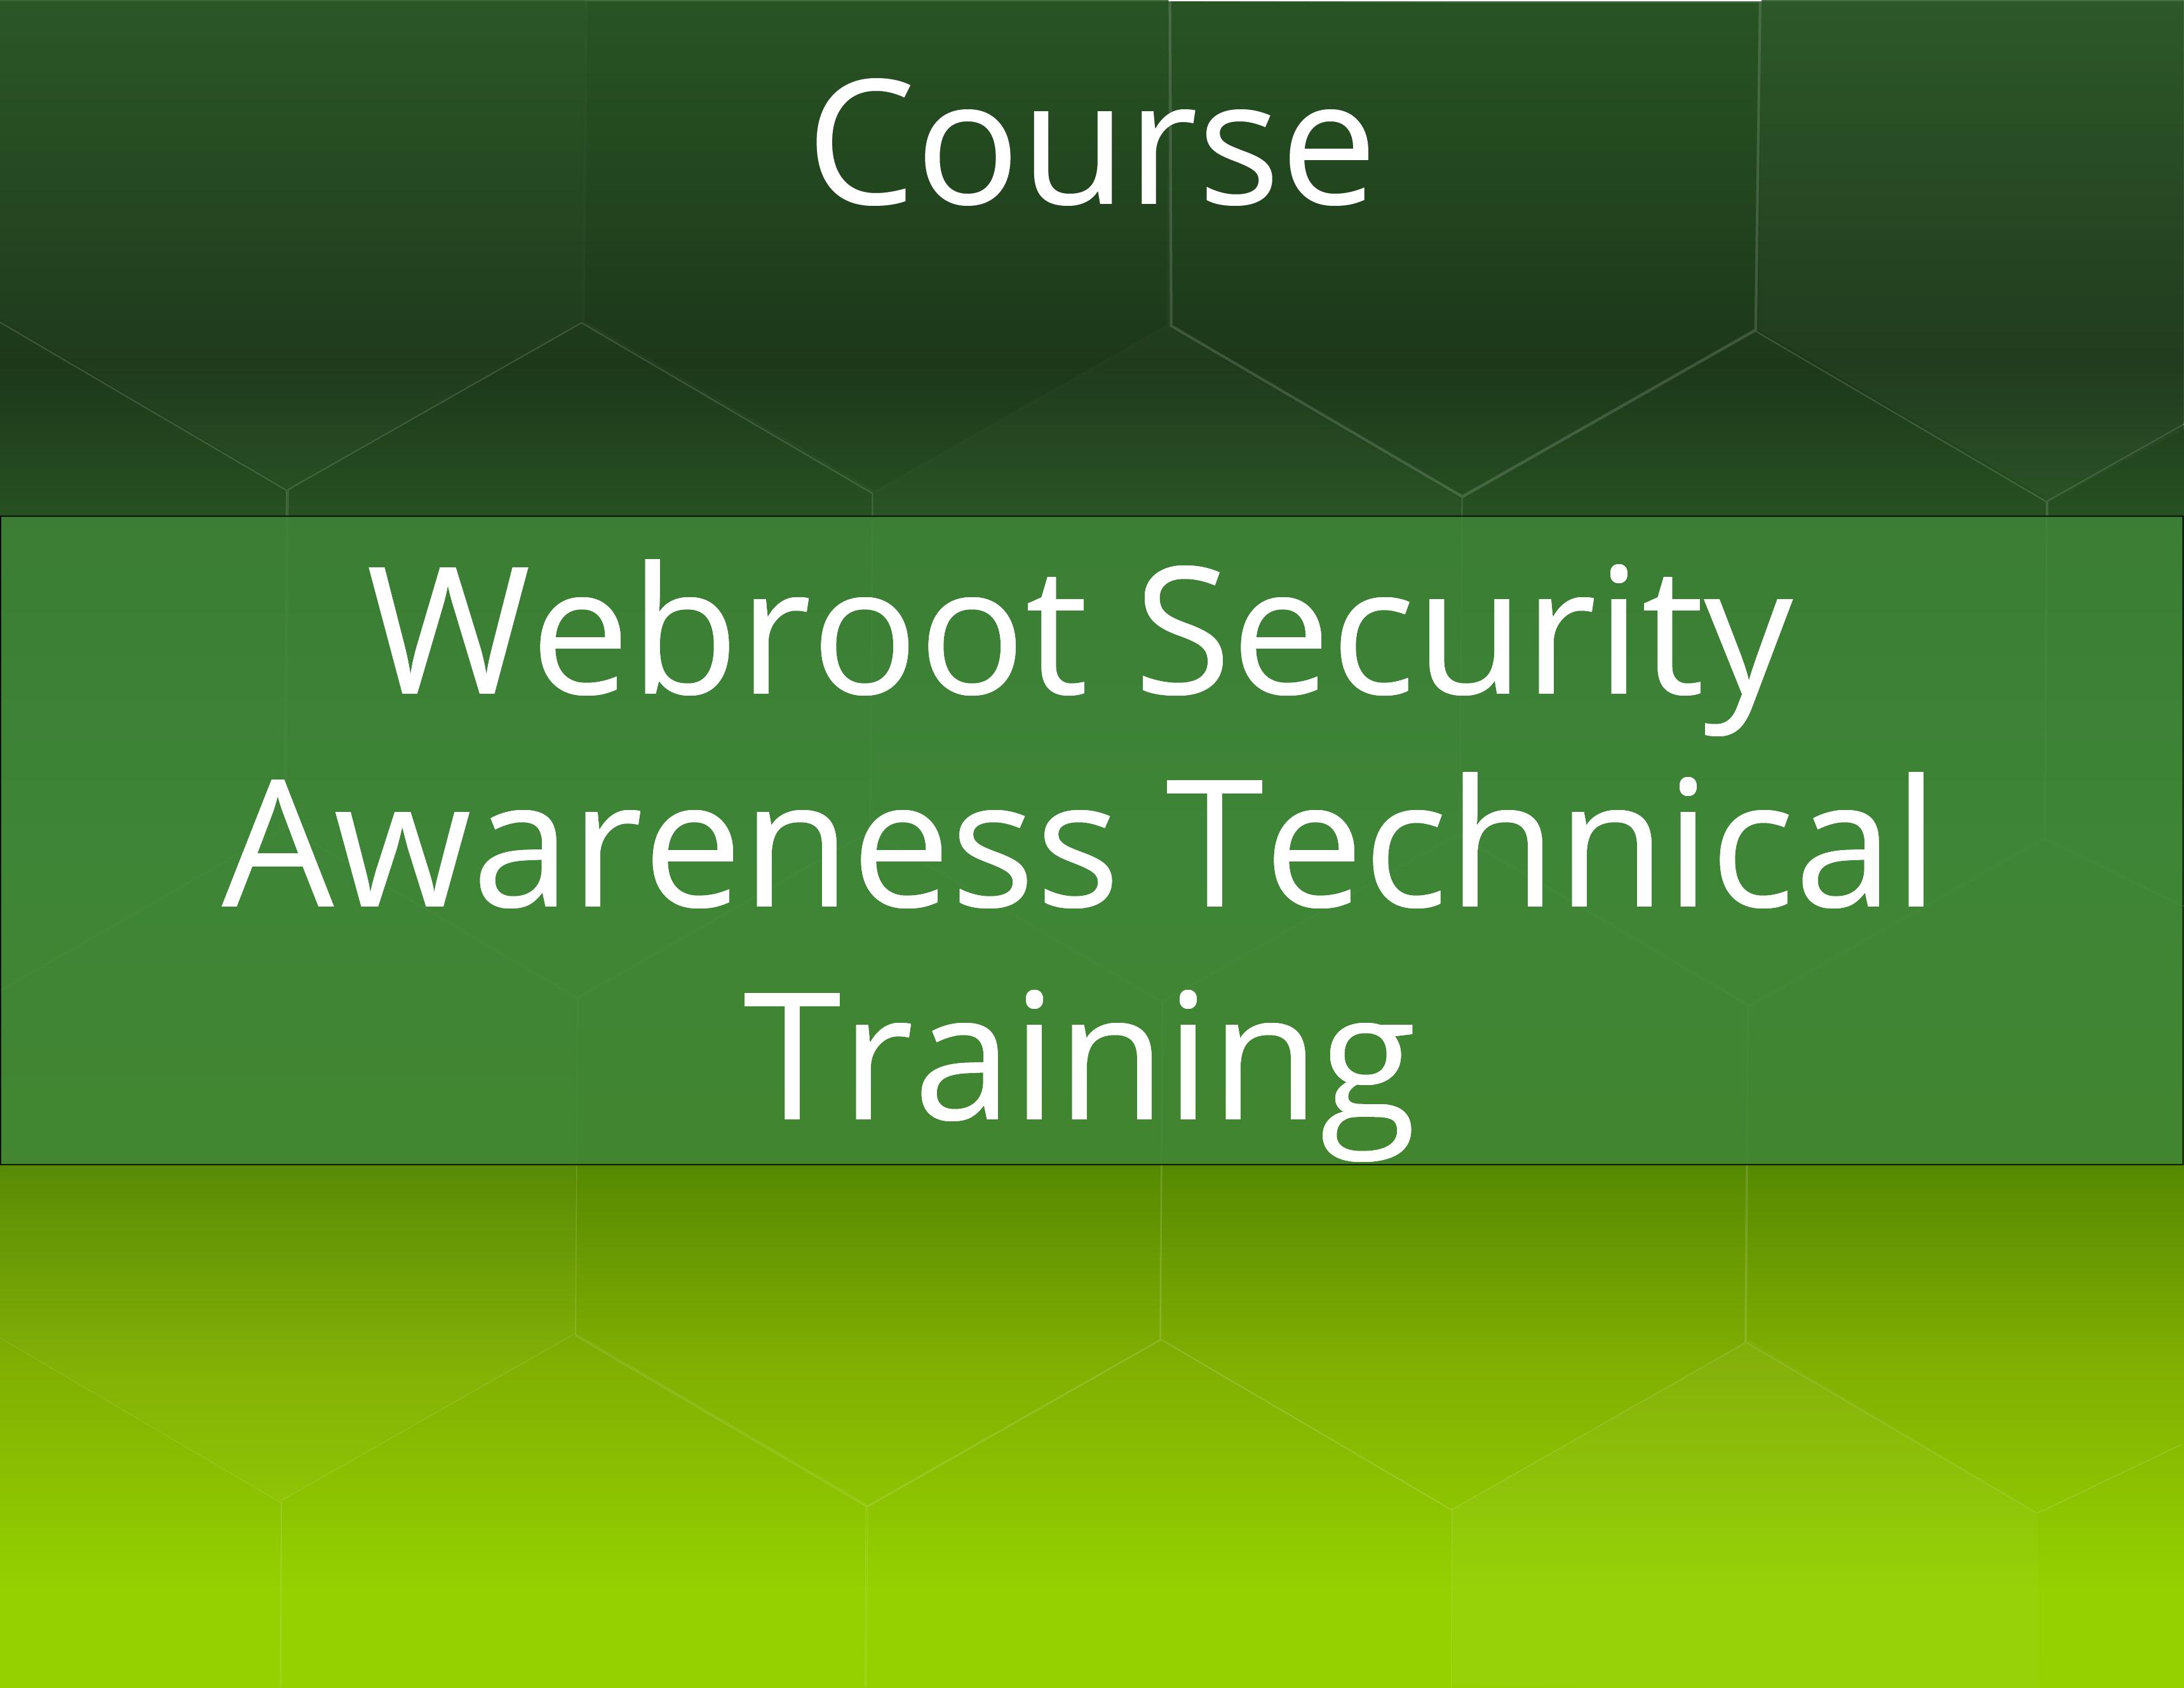 Webroot® Security Awareness Technical Training